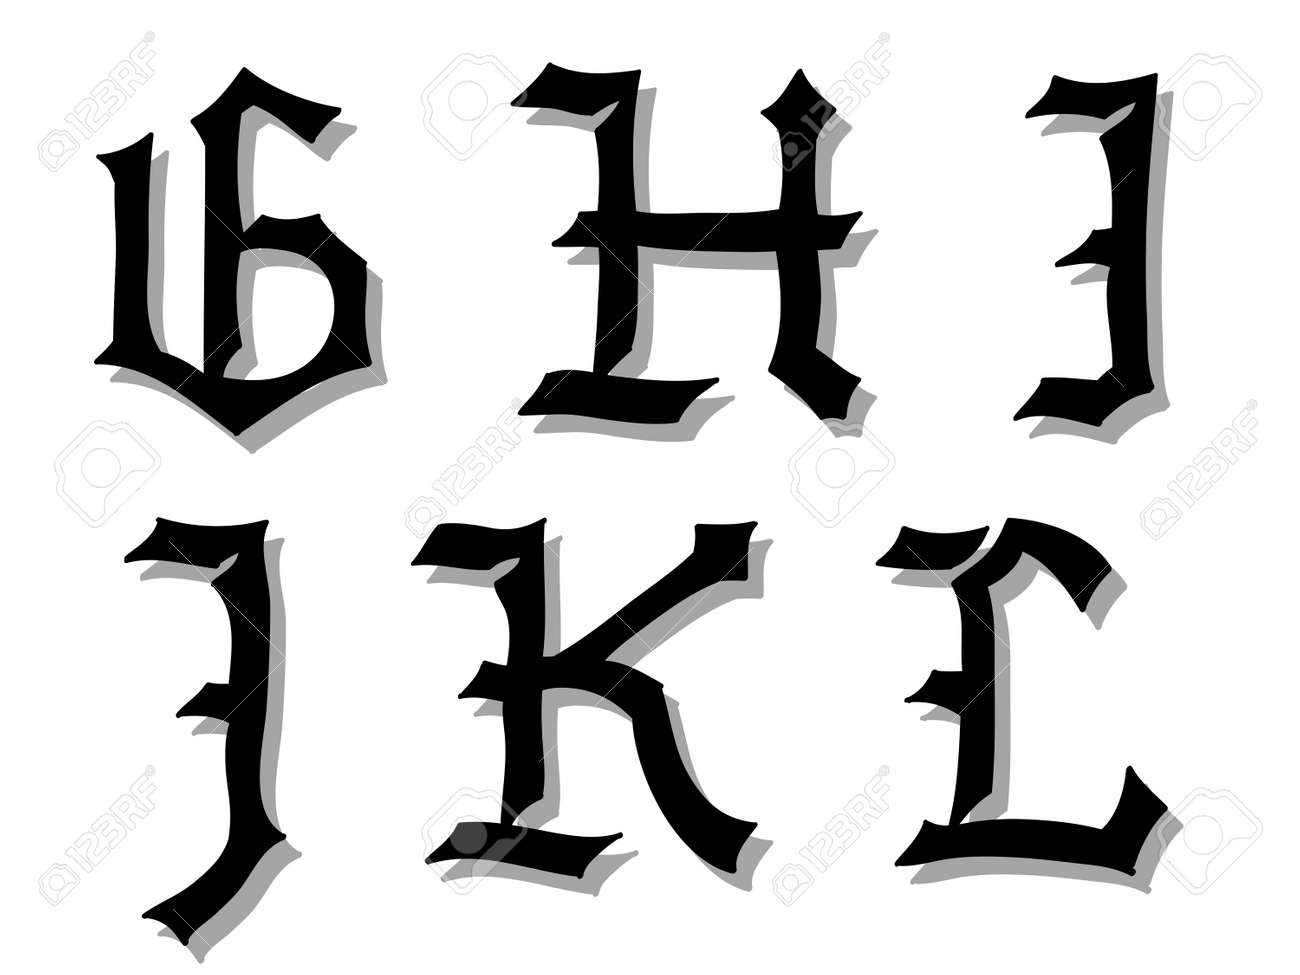 Illustration de lettres gothiques de lalphabet en majuscules illustration de lettres gothiques de lalphabet en majuscules crits en noir g thecheapjerseys Choice Image